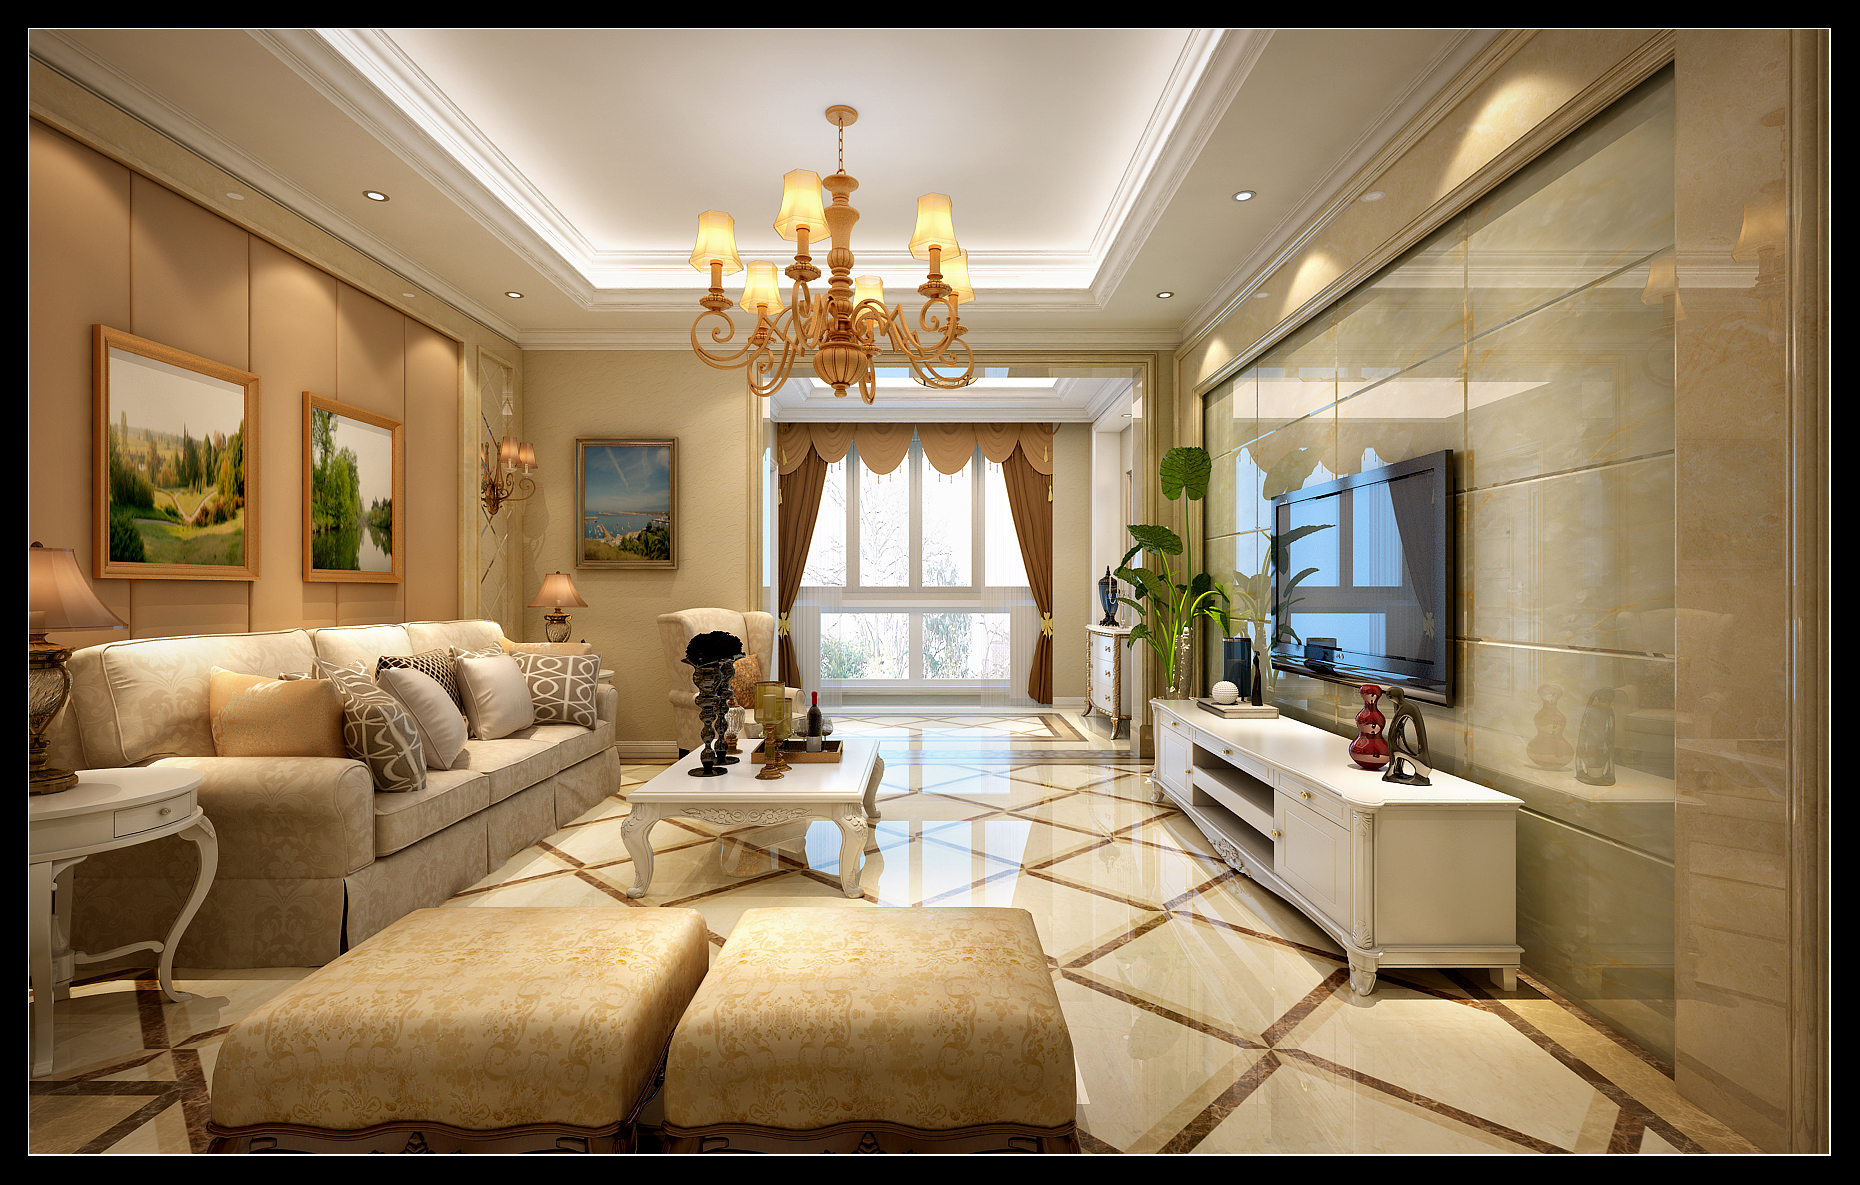 吊顶 沙发 背景墙 灯具 窗帘 客厅图片来自成都业之峰装修小管家在120